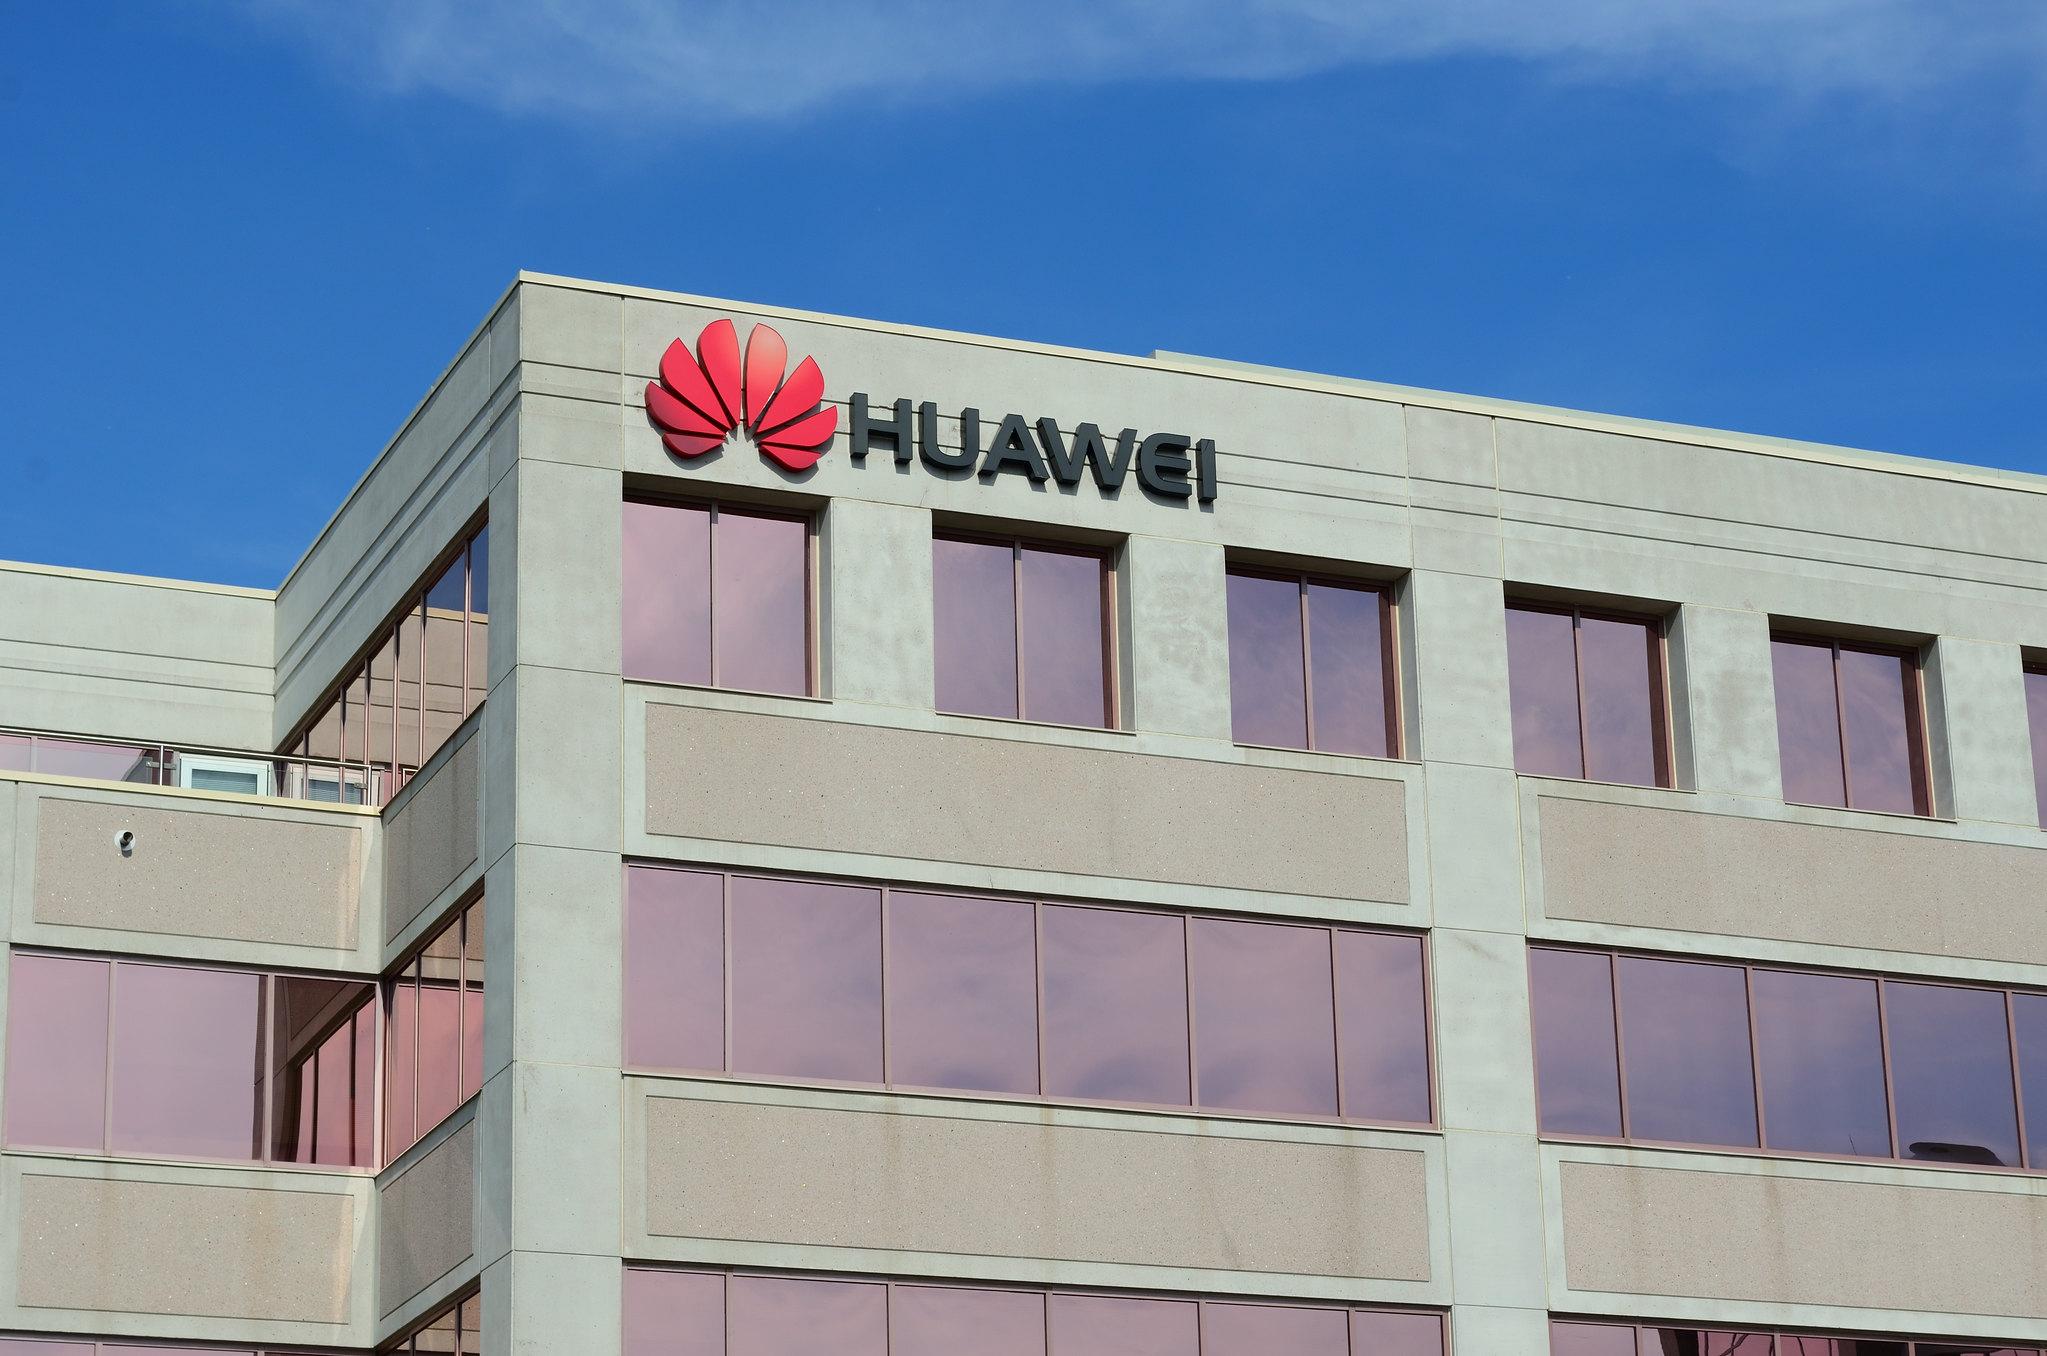 Temat Huawei ma wrócić w rozmowach między Donaldem Trumpem a prezydentem Chin już niebawem. Obaj przywódcy mają się spotkać w Japonii na spotkaniu G20 (fot. flickr.com/domena publiczna)